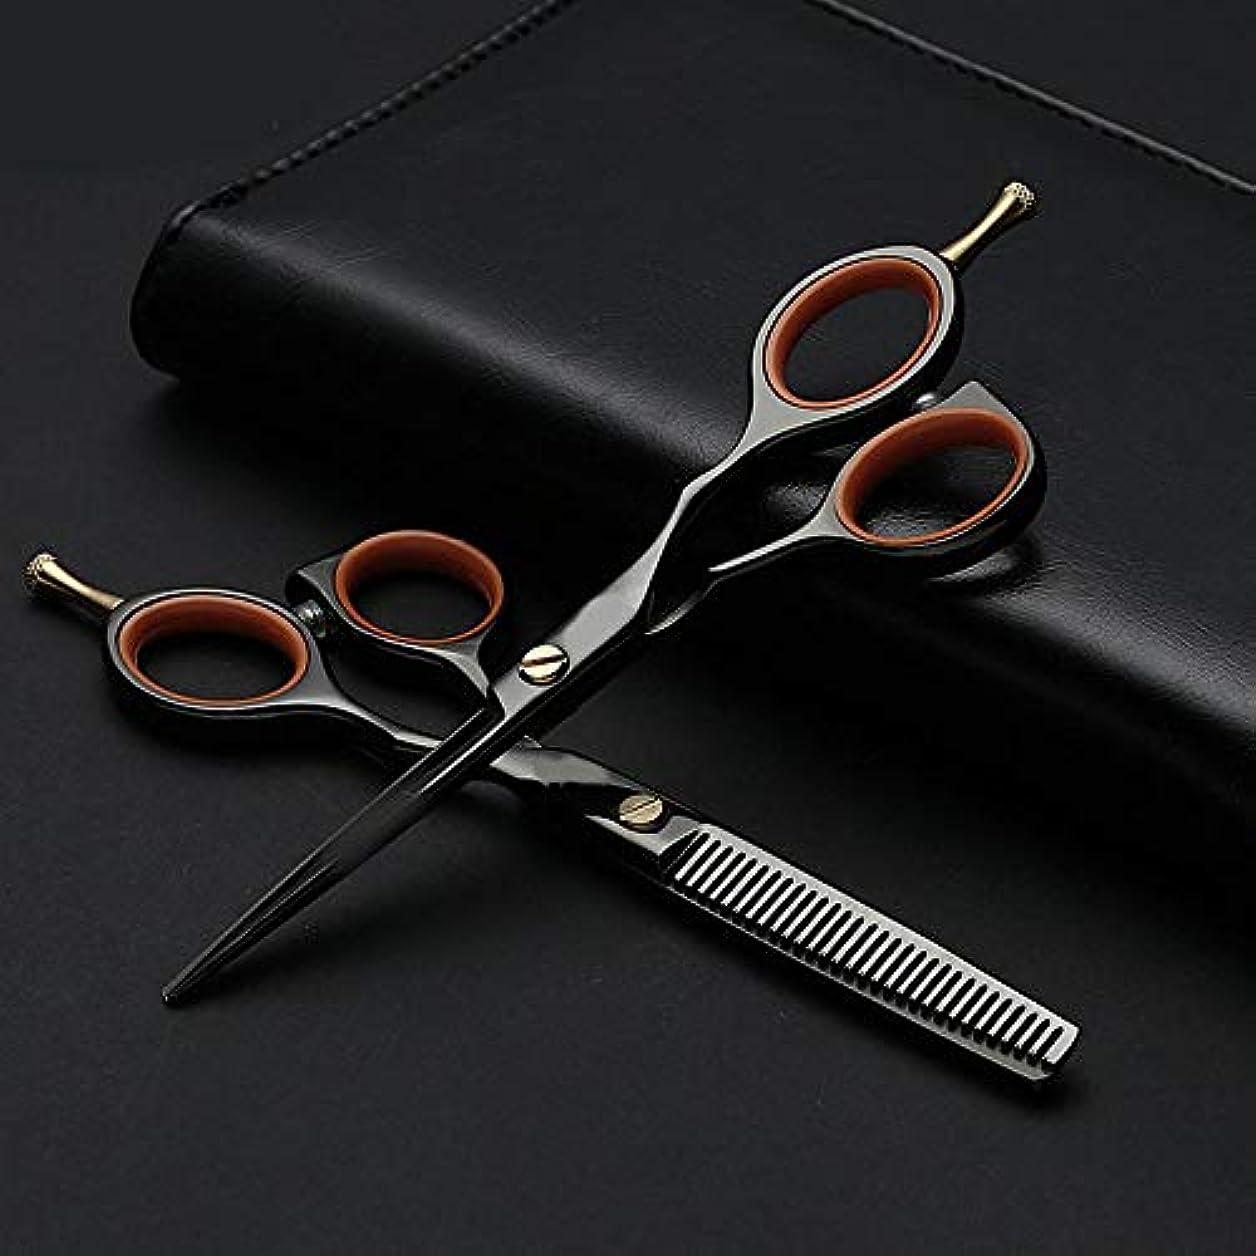 有益口述こねる理髪用はさみ 5.5インチプロフェッショナル理髪セット、フラット+歯はさみヘアサロンセットヘアカットはさみステンレス理髪はさみ (色 : 黒)